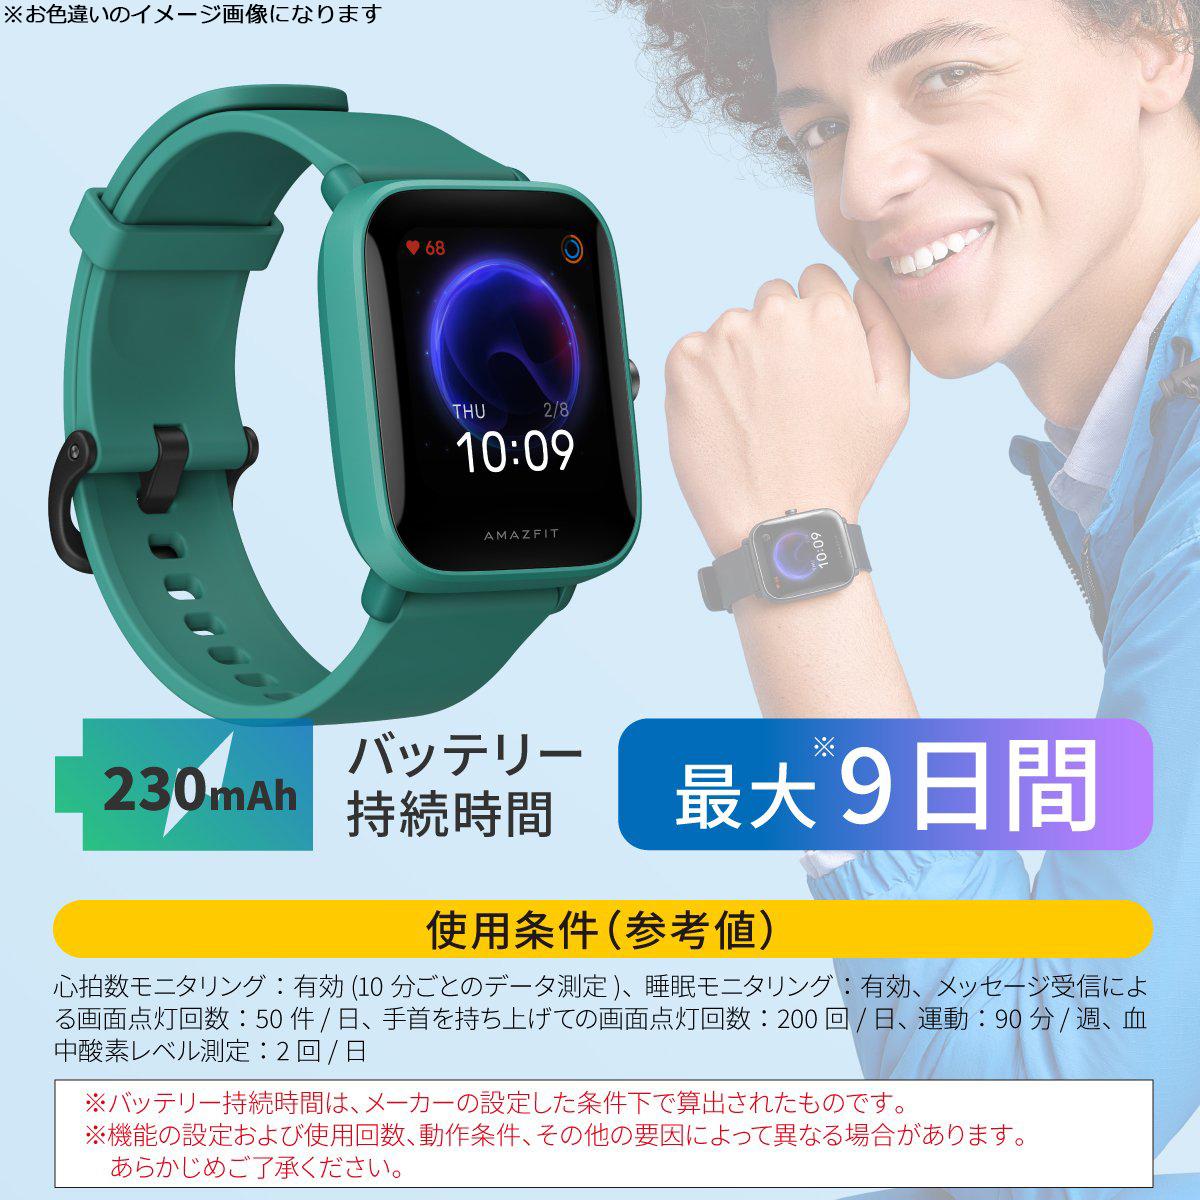 アマズフィット AMAZFIT スマートウォッチ Bip U Pro ブラック GPS 腕時計 メンズ レディース ウェアラブル SP170026C01